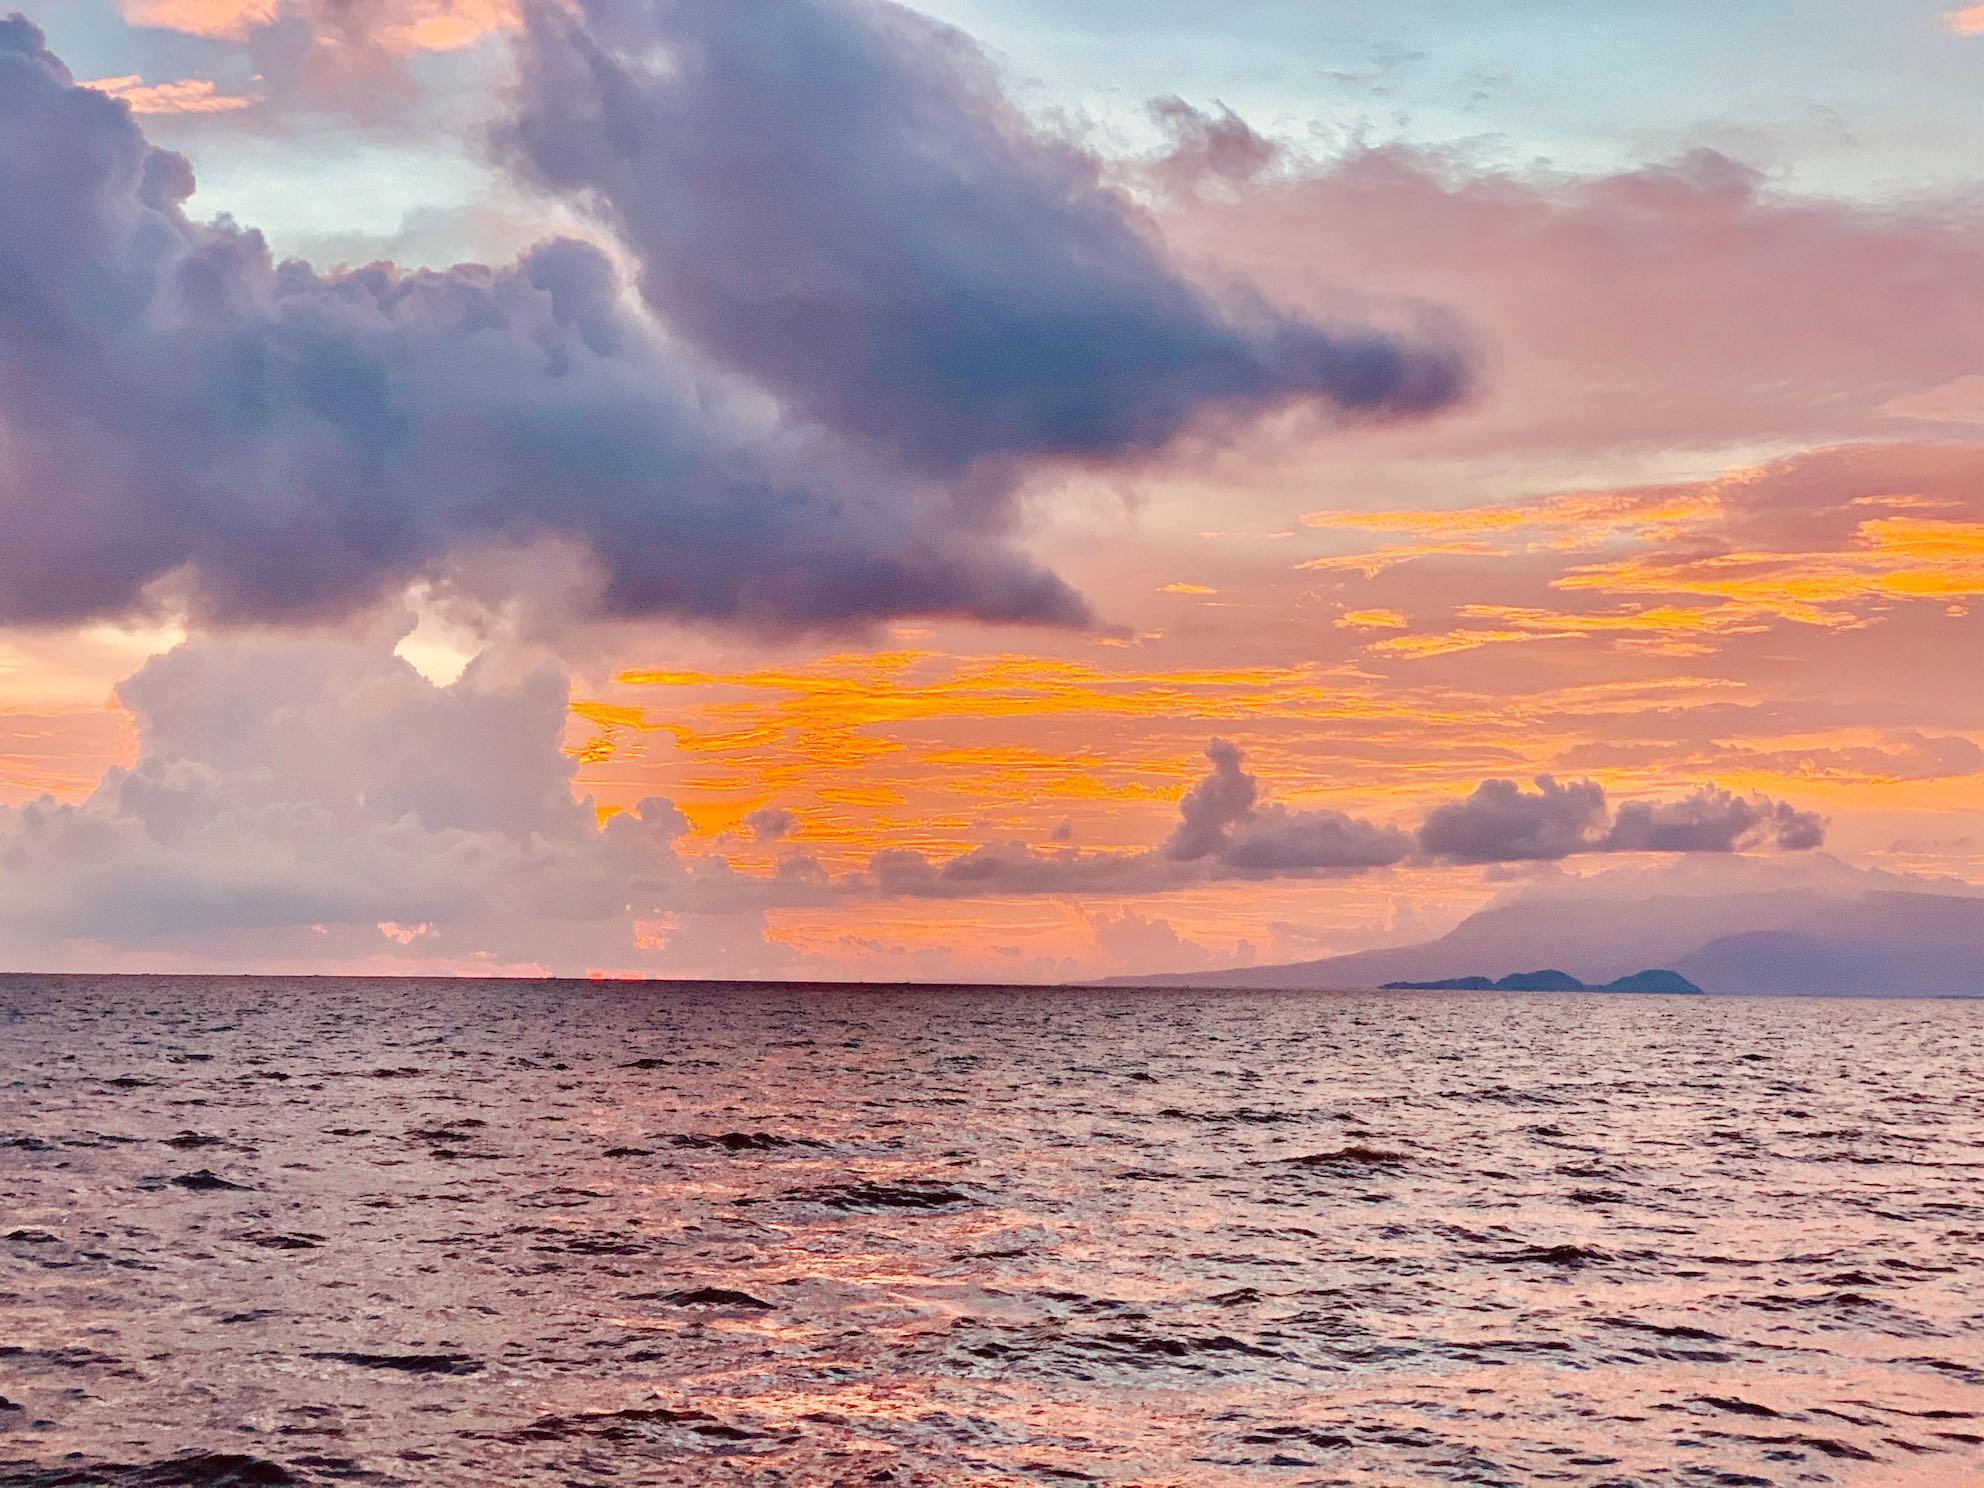 Amazing sunset Kep Cambodia.